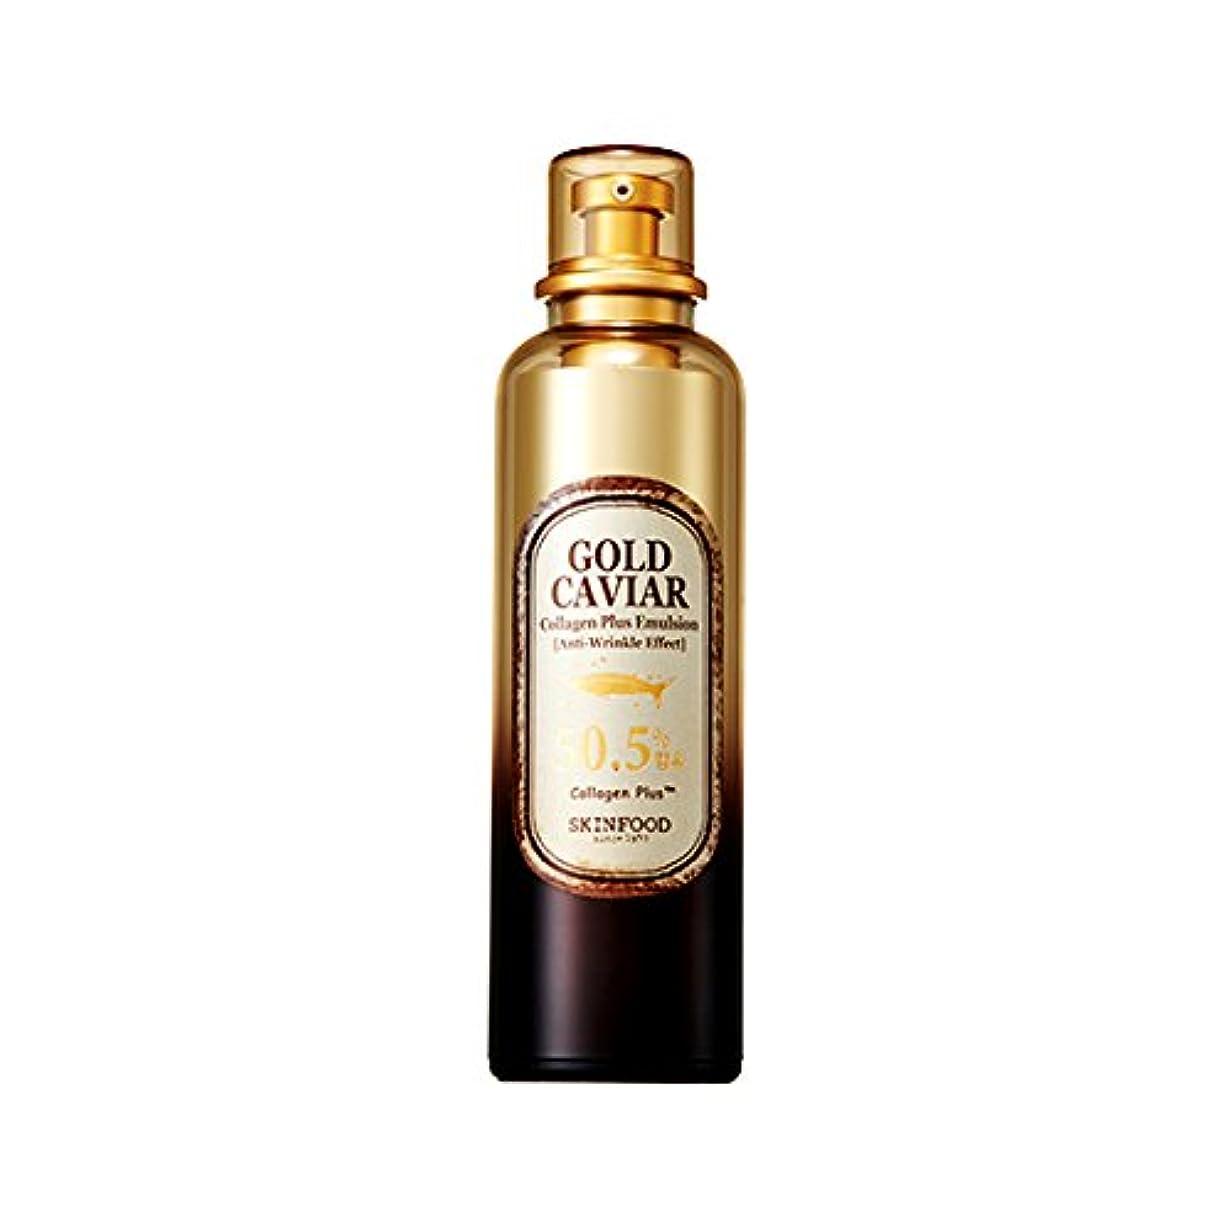 意図重荷若者Skinfood ゴールドキャビアコラーゲンプラスエマルジョン/Gold Caviar Collagen Plus Emulsion 120ml [並行輸入品]